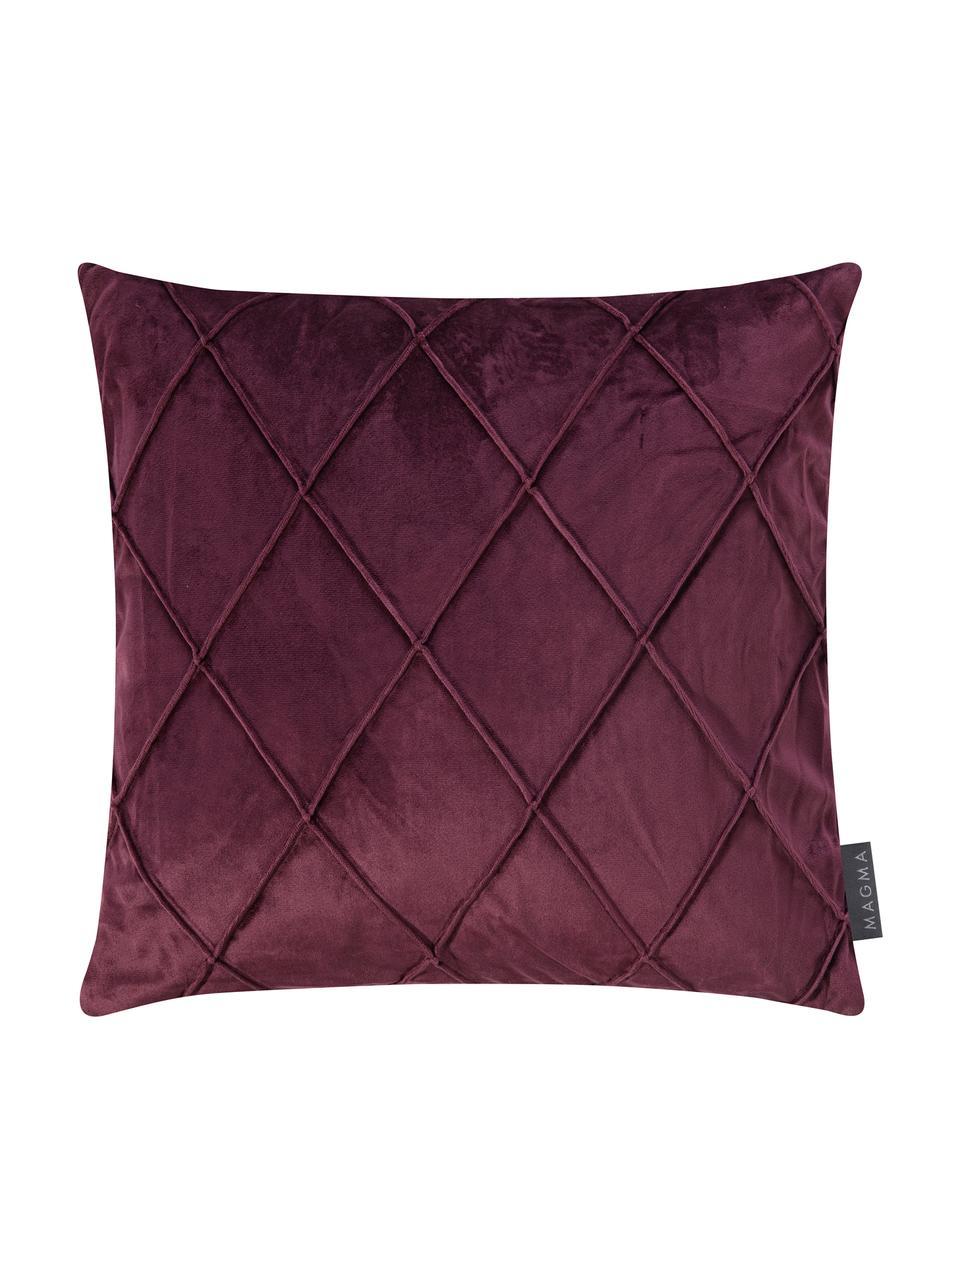 Poszewka na poduszkę z aksamitu Nobless, 100% aksamit poliestrowy, Wiśniowy, S 40 x D 40 cm